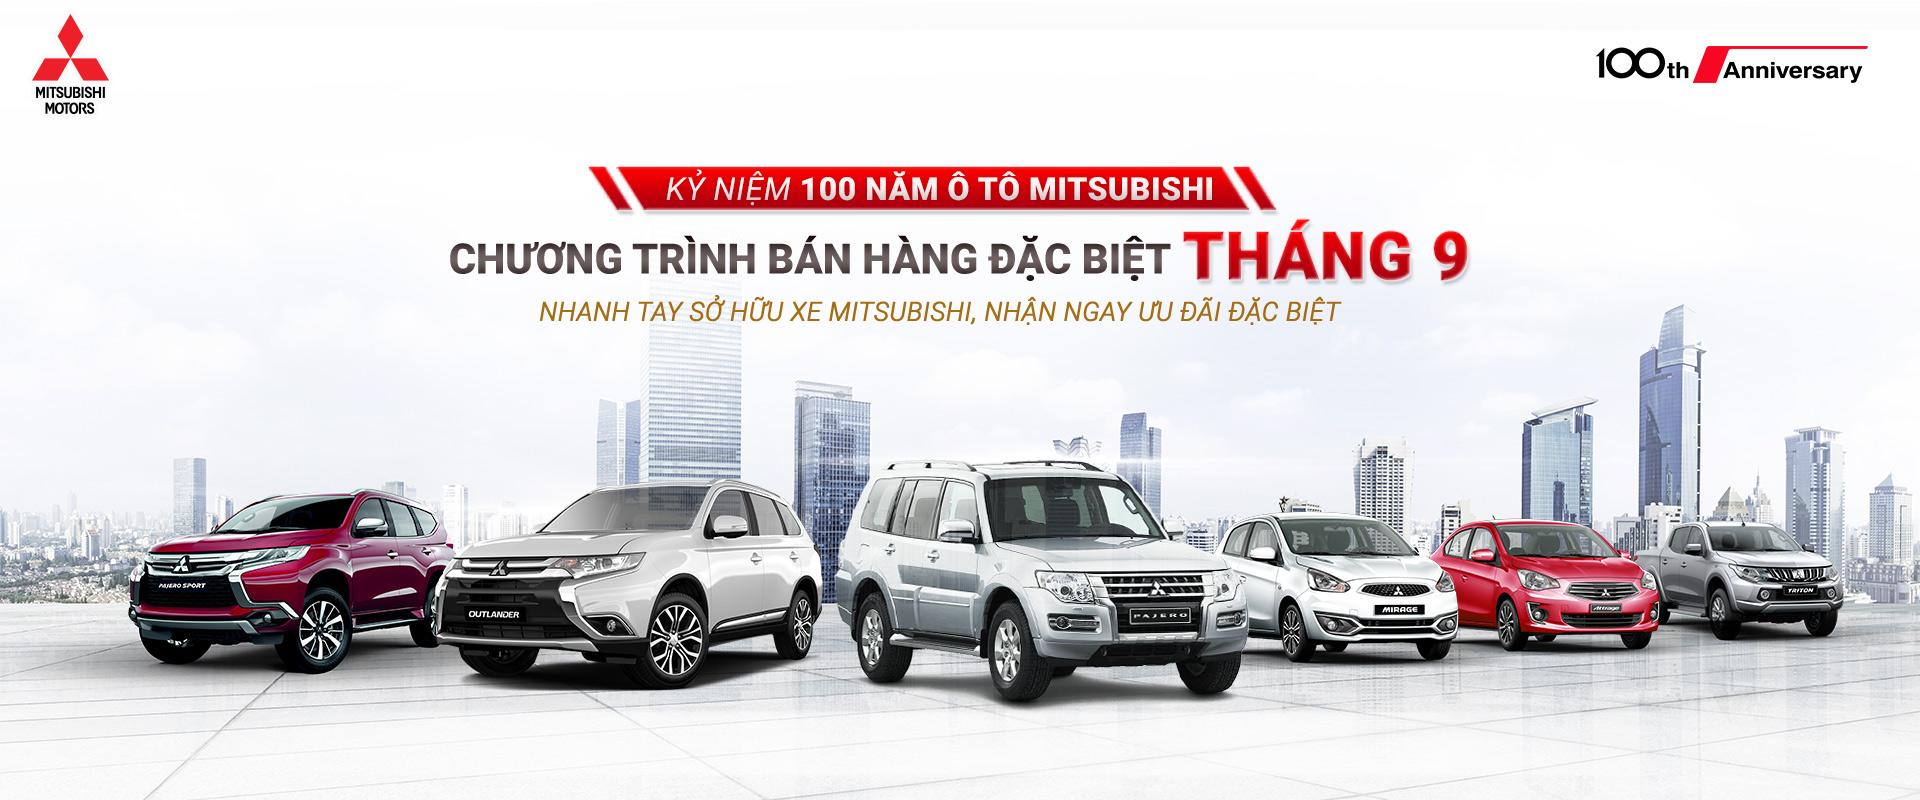 Chương trình ưu đãi tháng 9, kỉ niệm 100 năm Ô tô Mitsubishi.